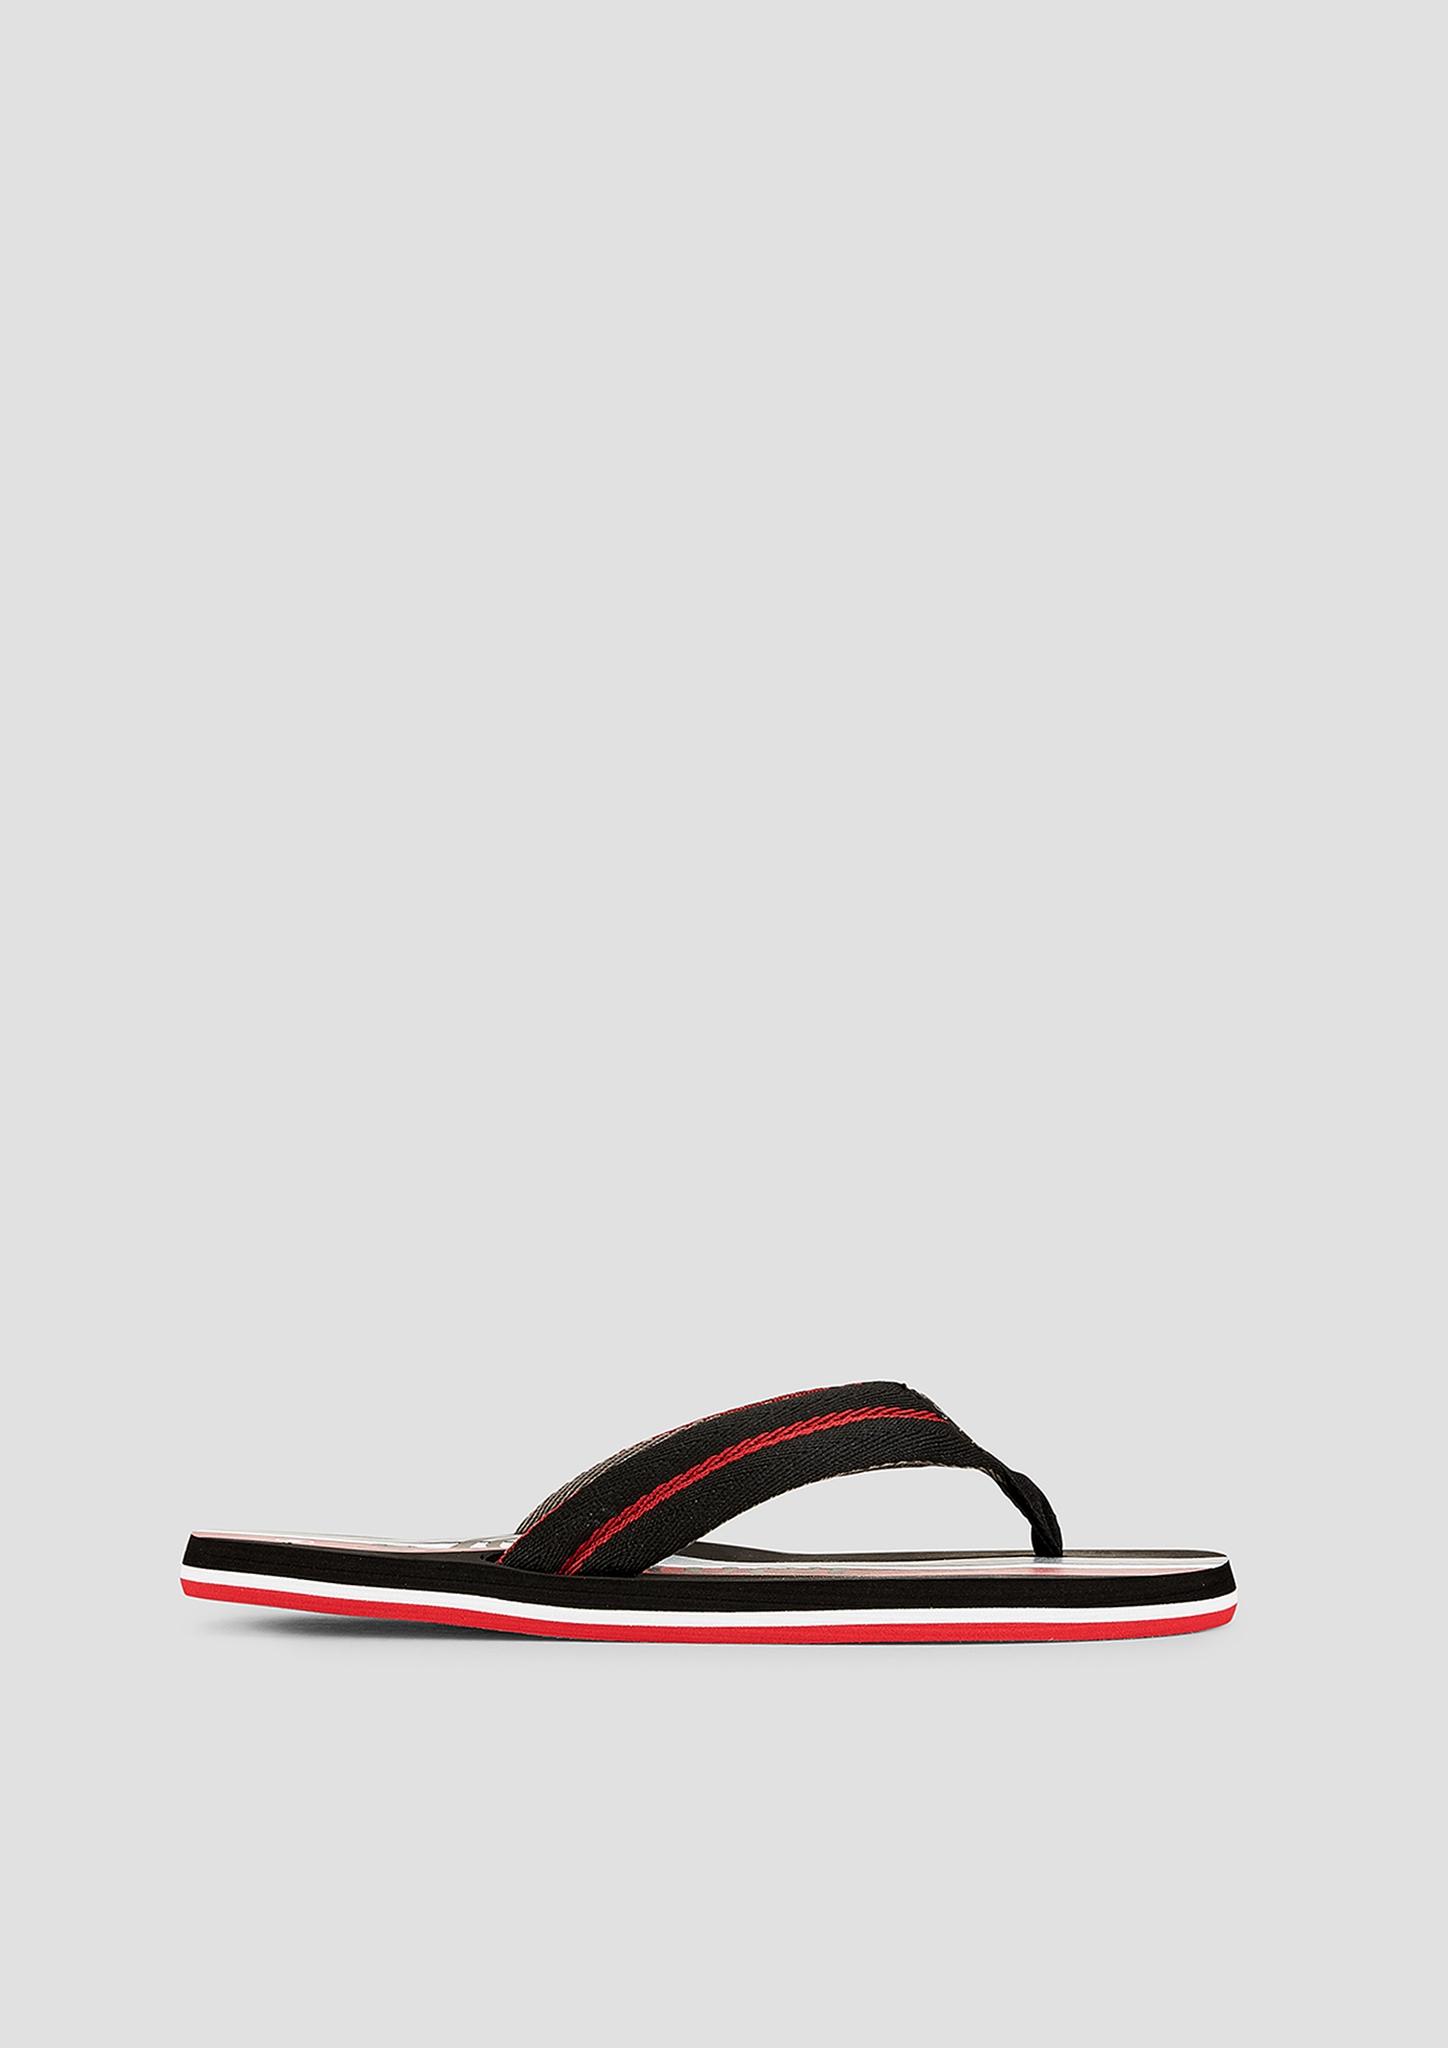 Zehenpantolette   Schuhe > Clogs & Pantoletten > Pantoletten   Grau/schwarz   Obermaterial aus textil  futter aus textil -  innensohle und laufsohle aus synthetik   s.Oliver